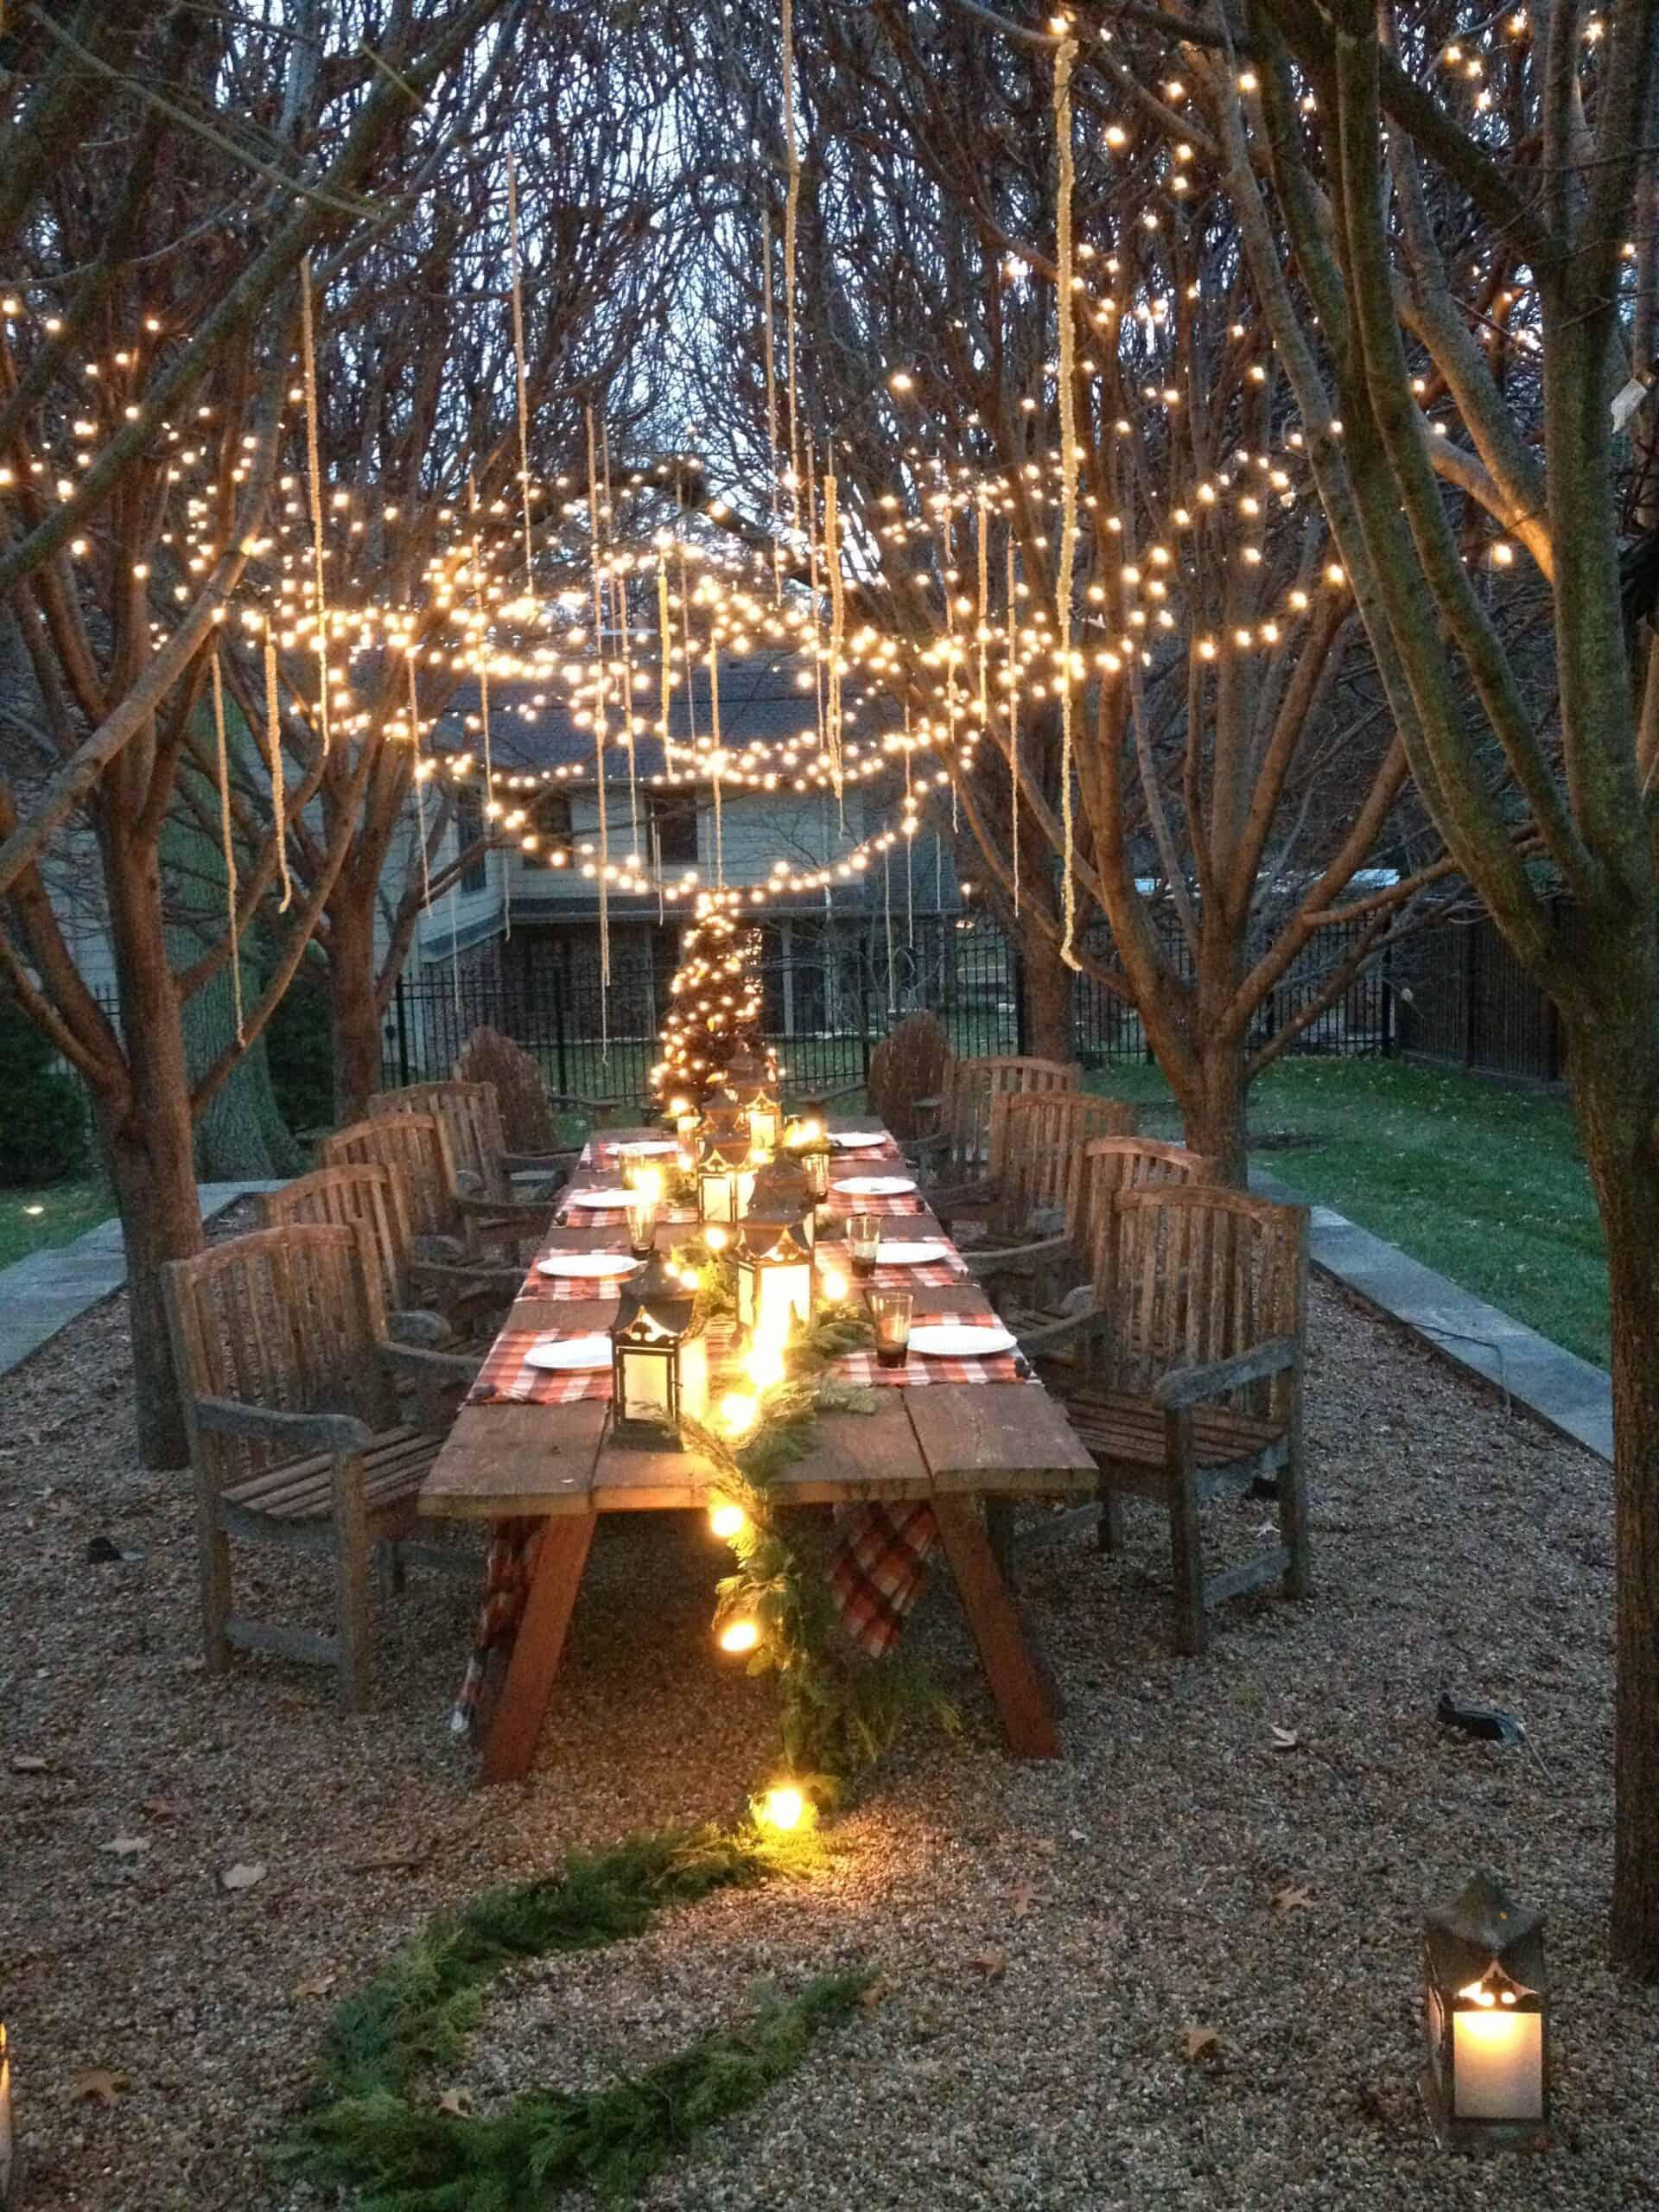 10 best outdoor lighting ideas for